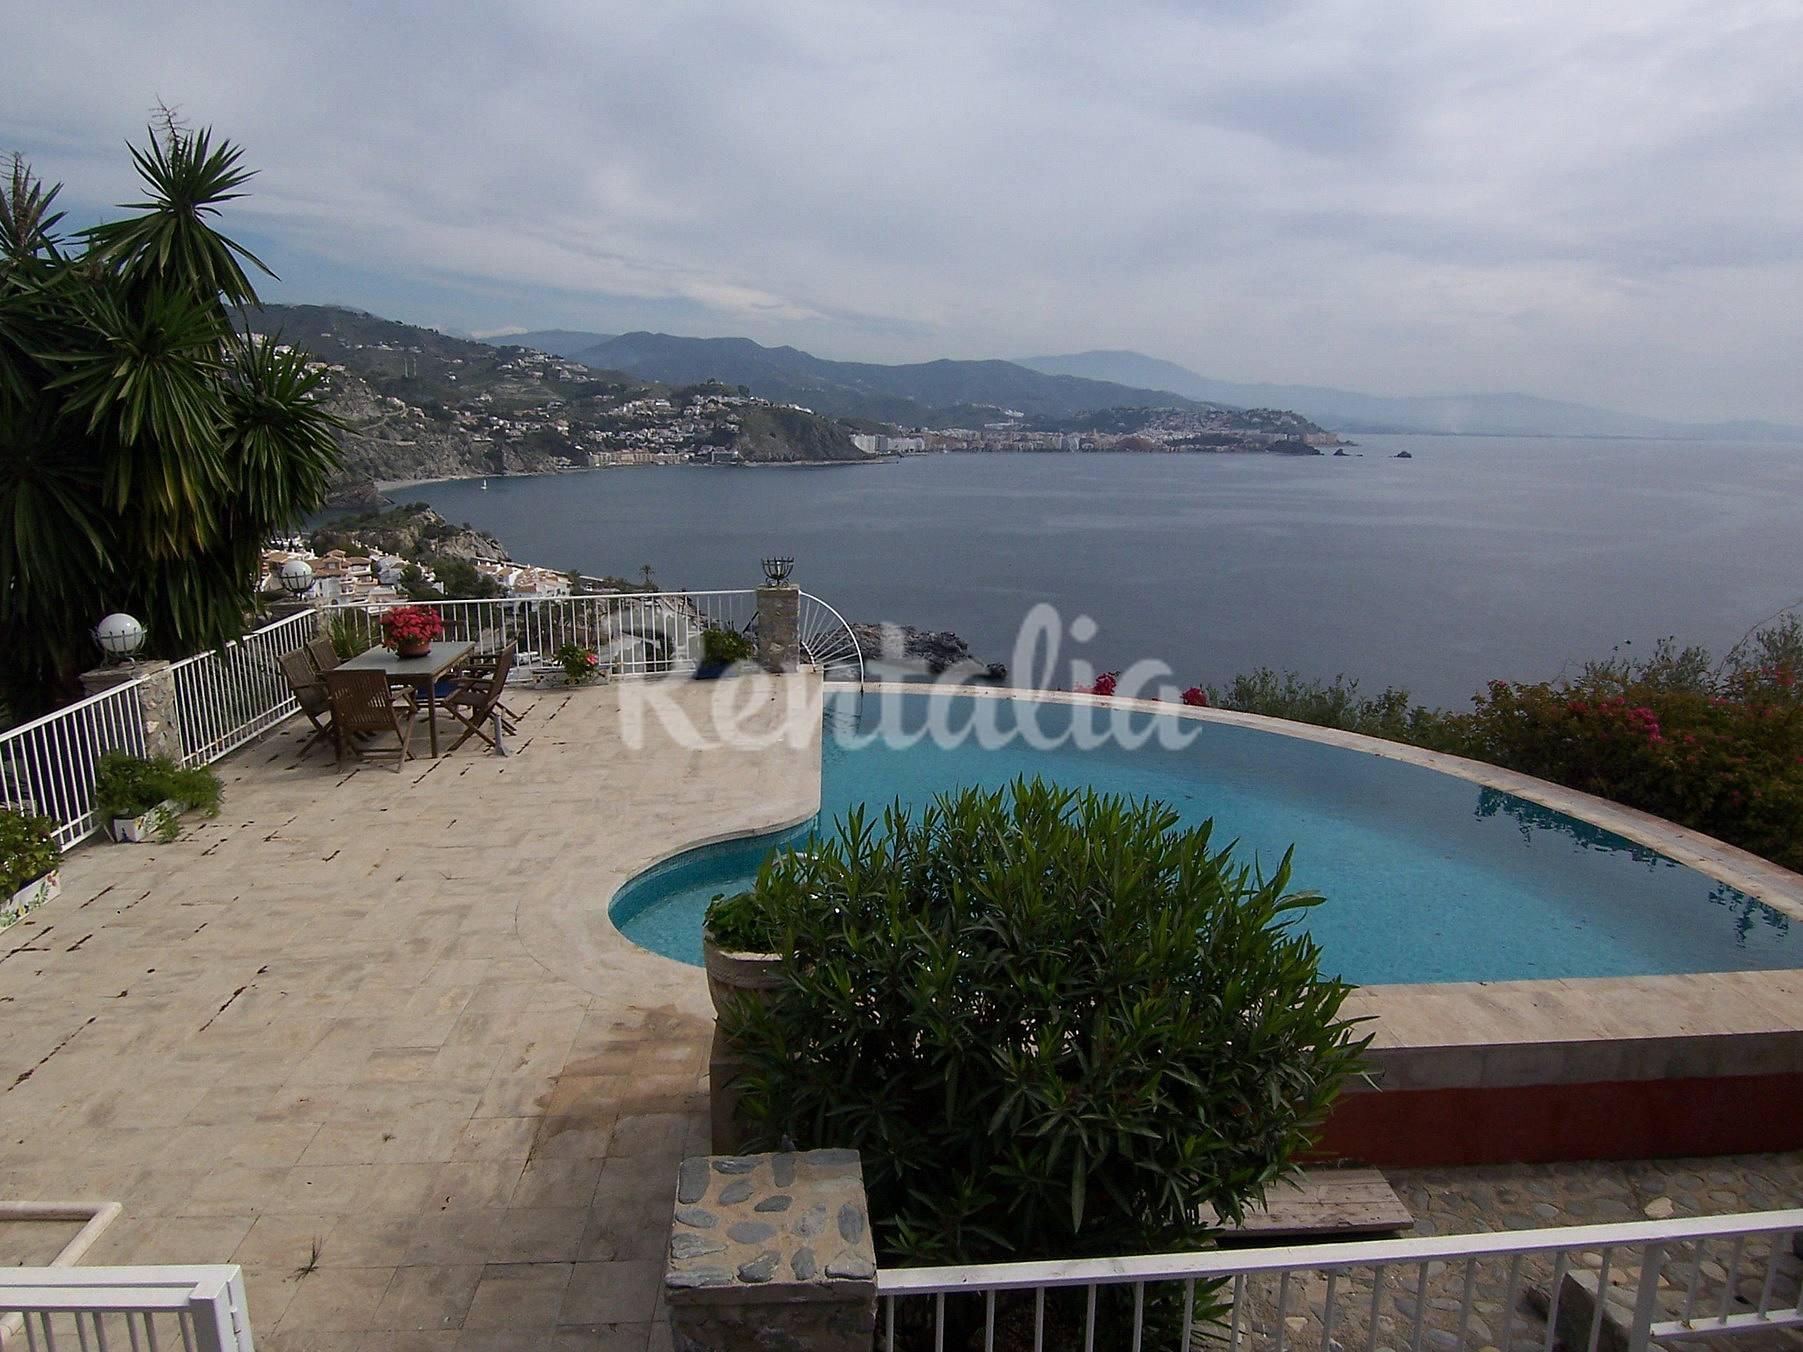 Gran villa con piscina en punta de la mona la herradura for Piscina publica alhendin granada